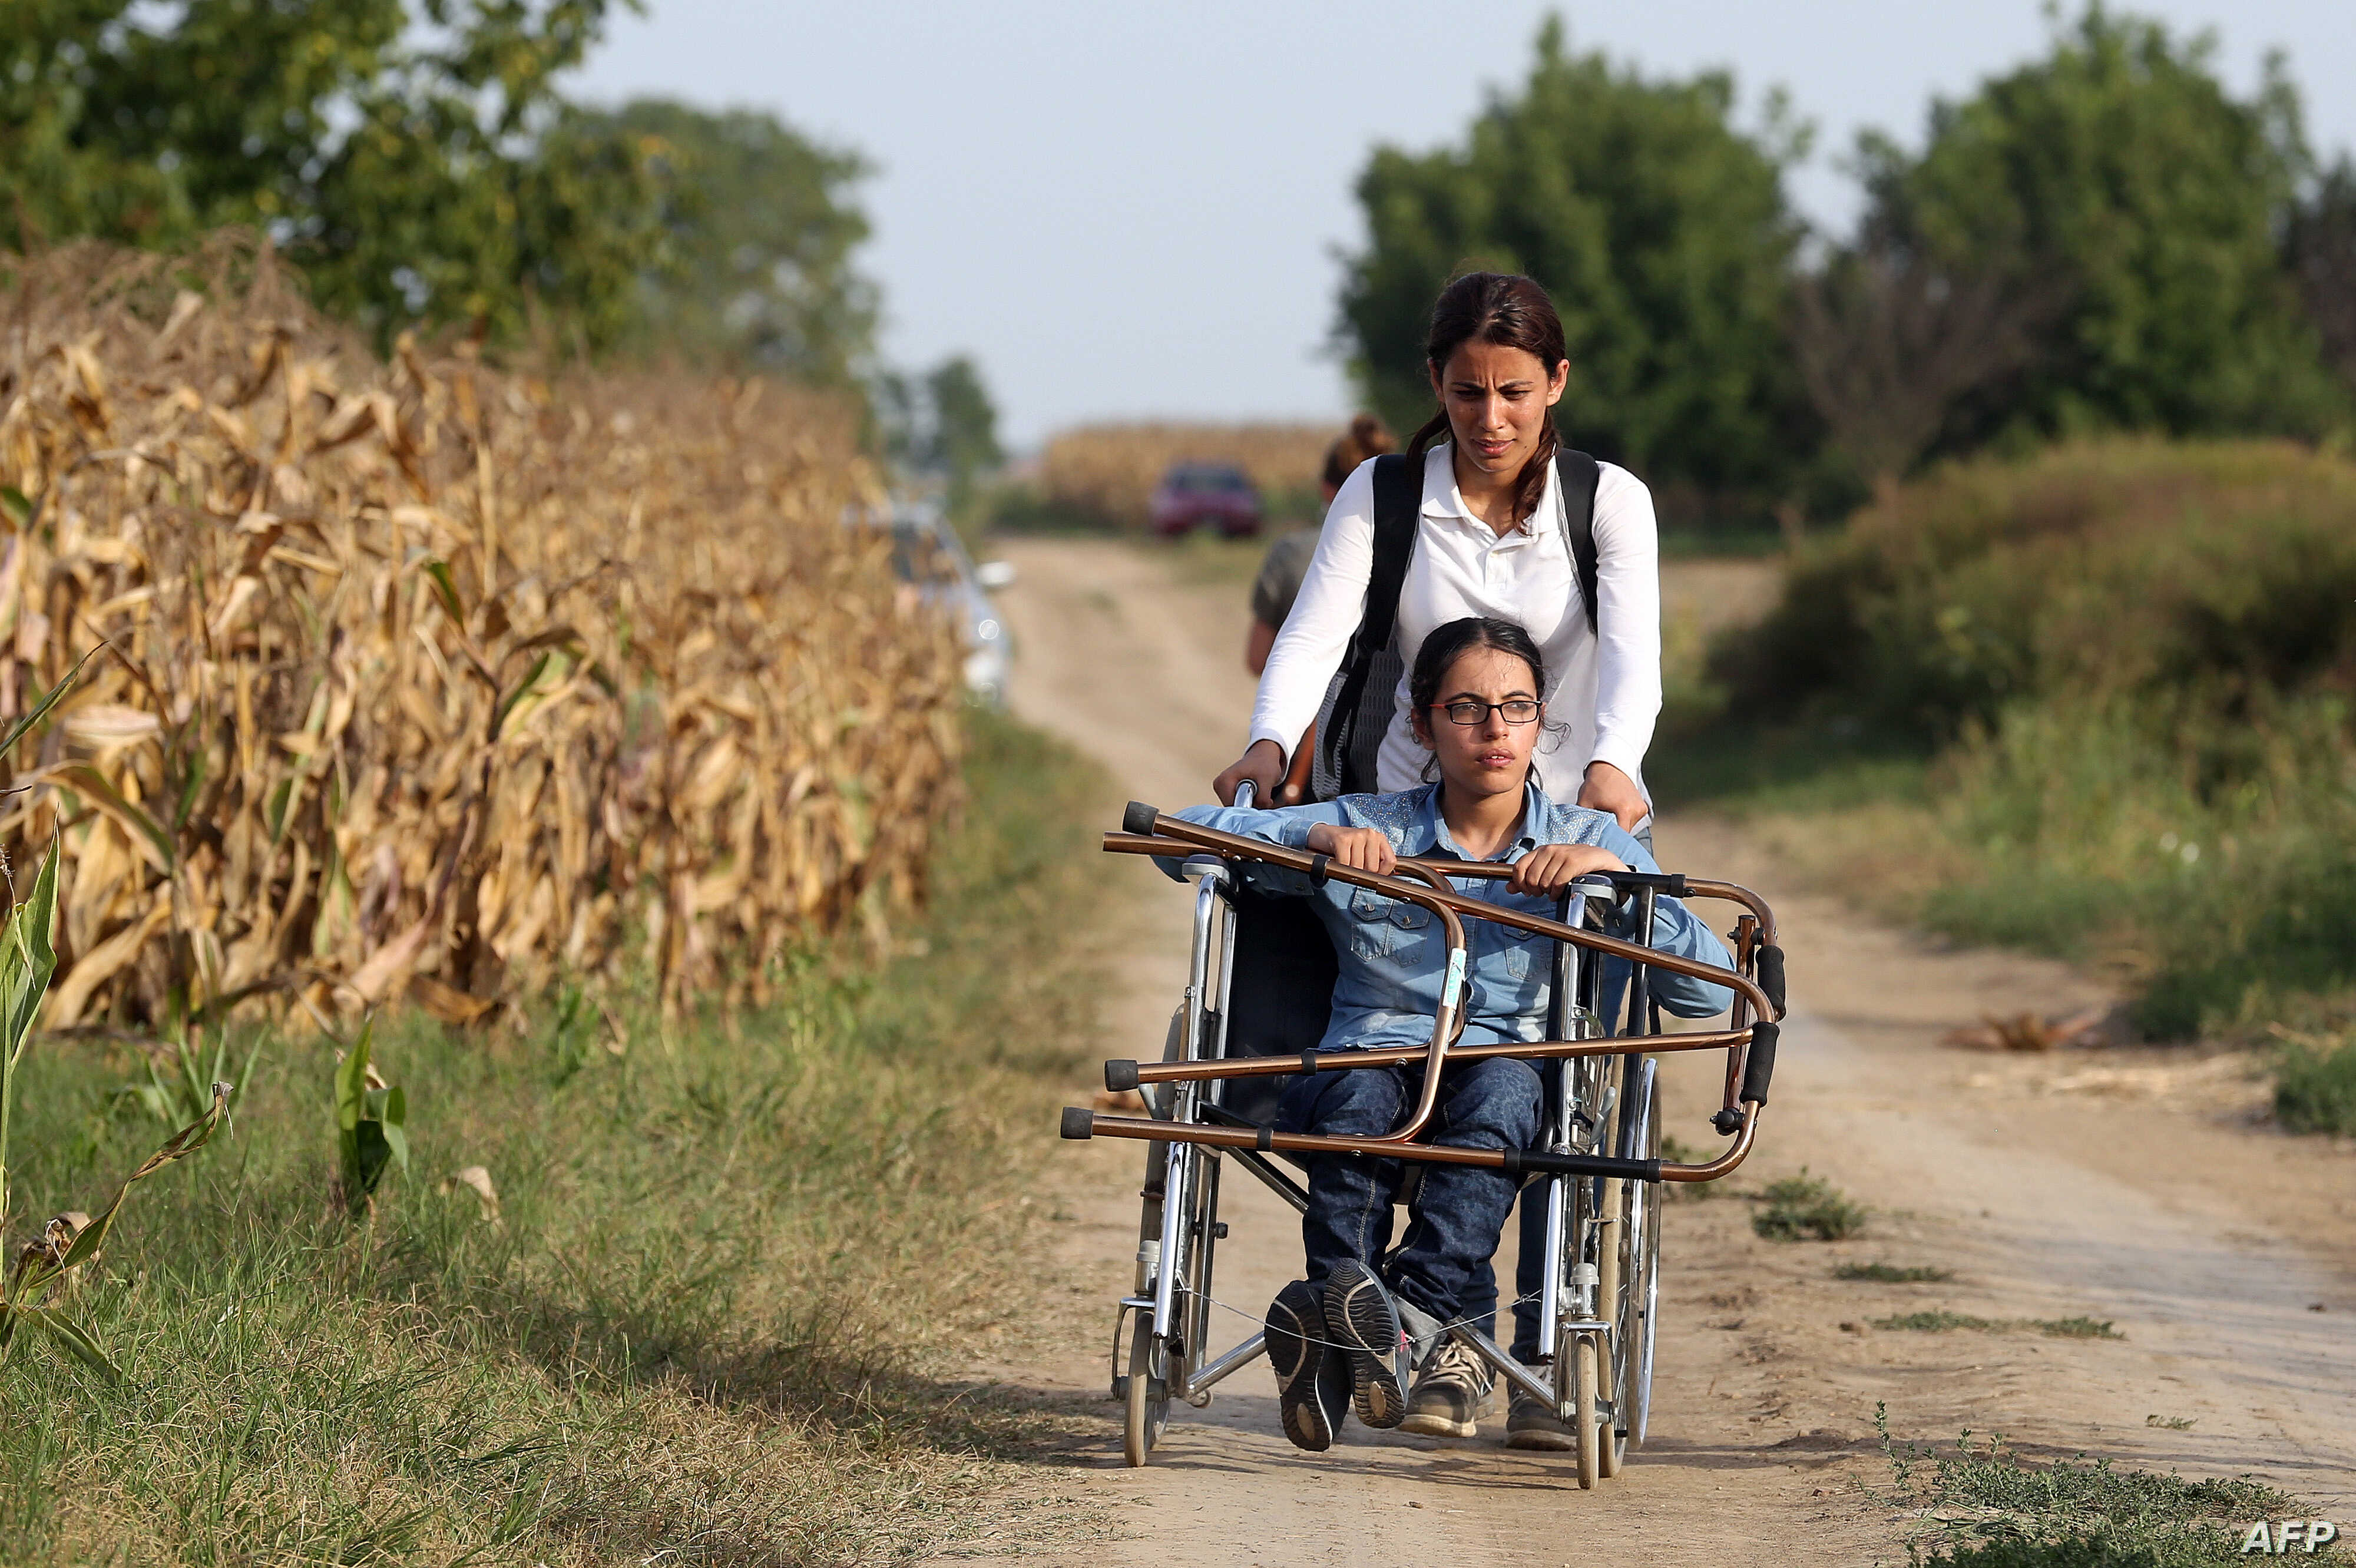 Euro-Med Monitor et l'Université de York recommande de fournir un environnement inclusif aux réfugiés handicapés en Turquie